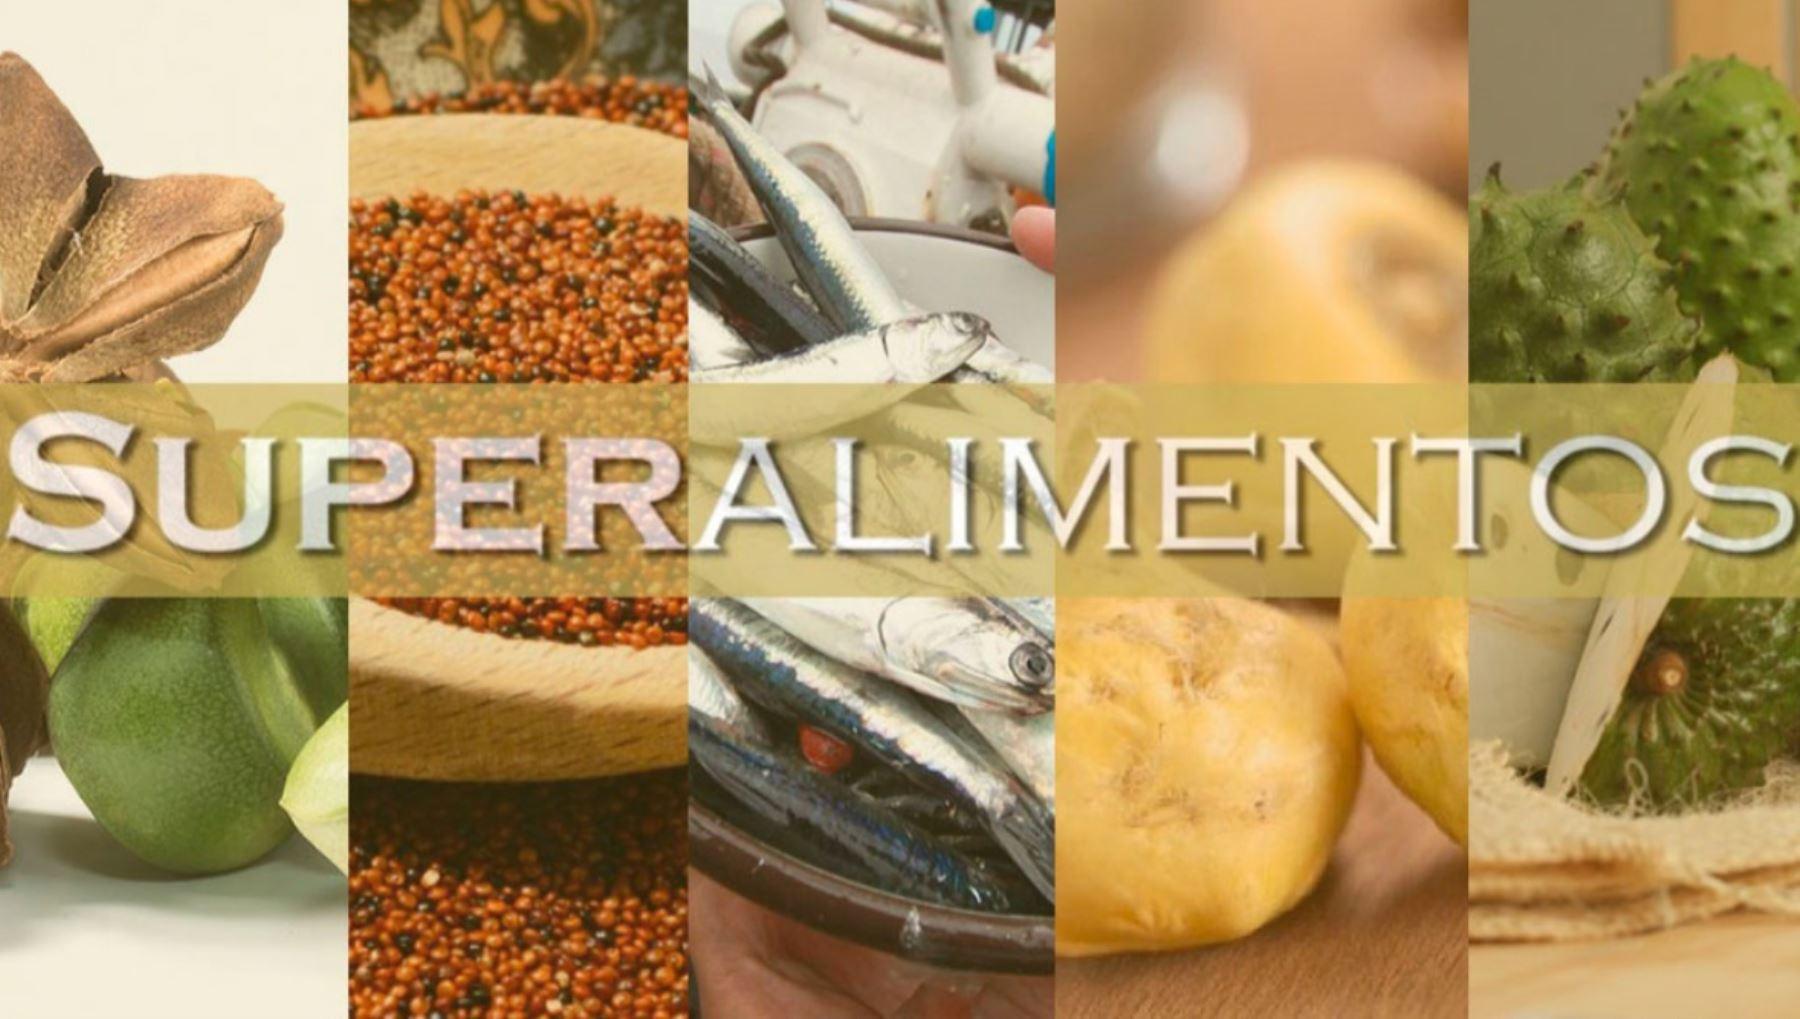 El Perú cuenta con cultivos oriundos que gracias a sus grandes propiedades nutricionales (vitaminas, minerales, antioxidantes, fibra, entre otros) son llamados súper alimentos.